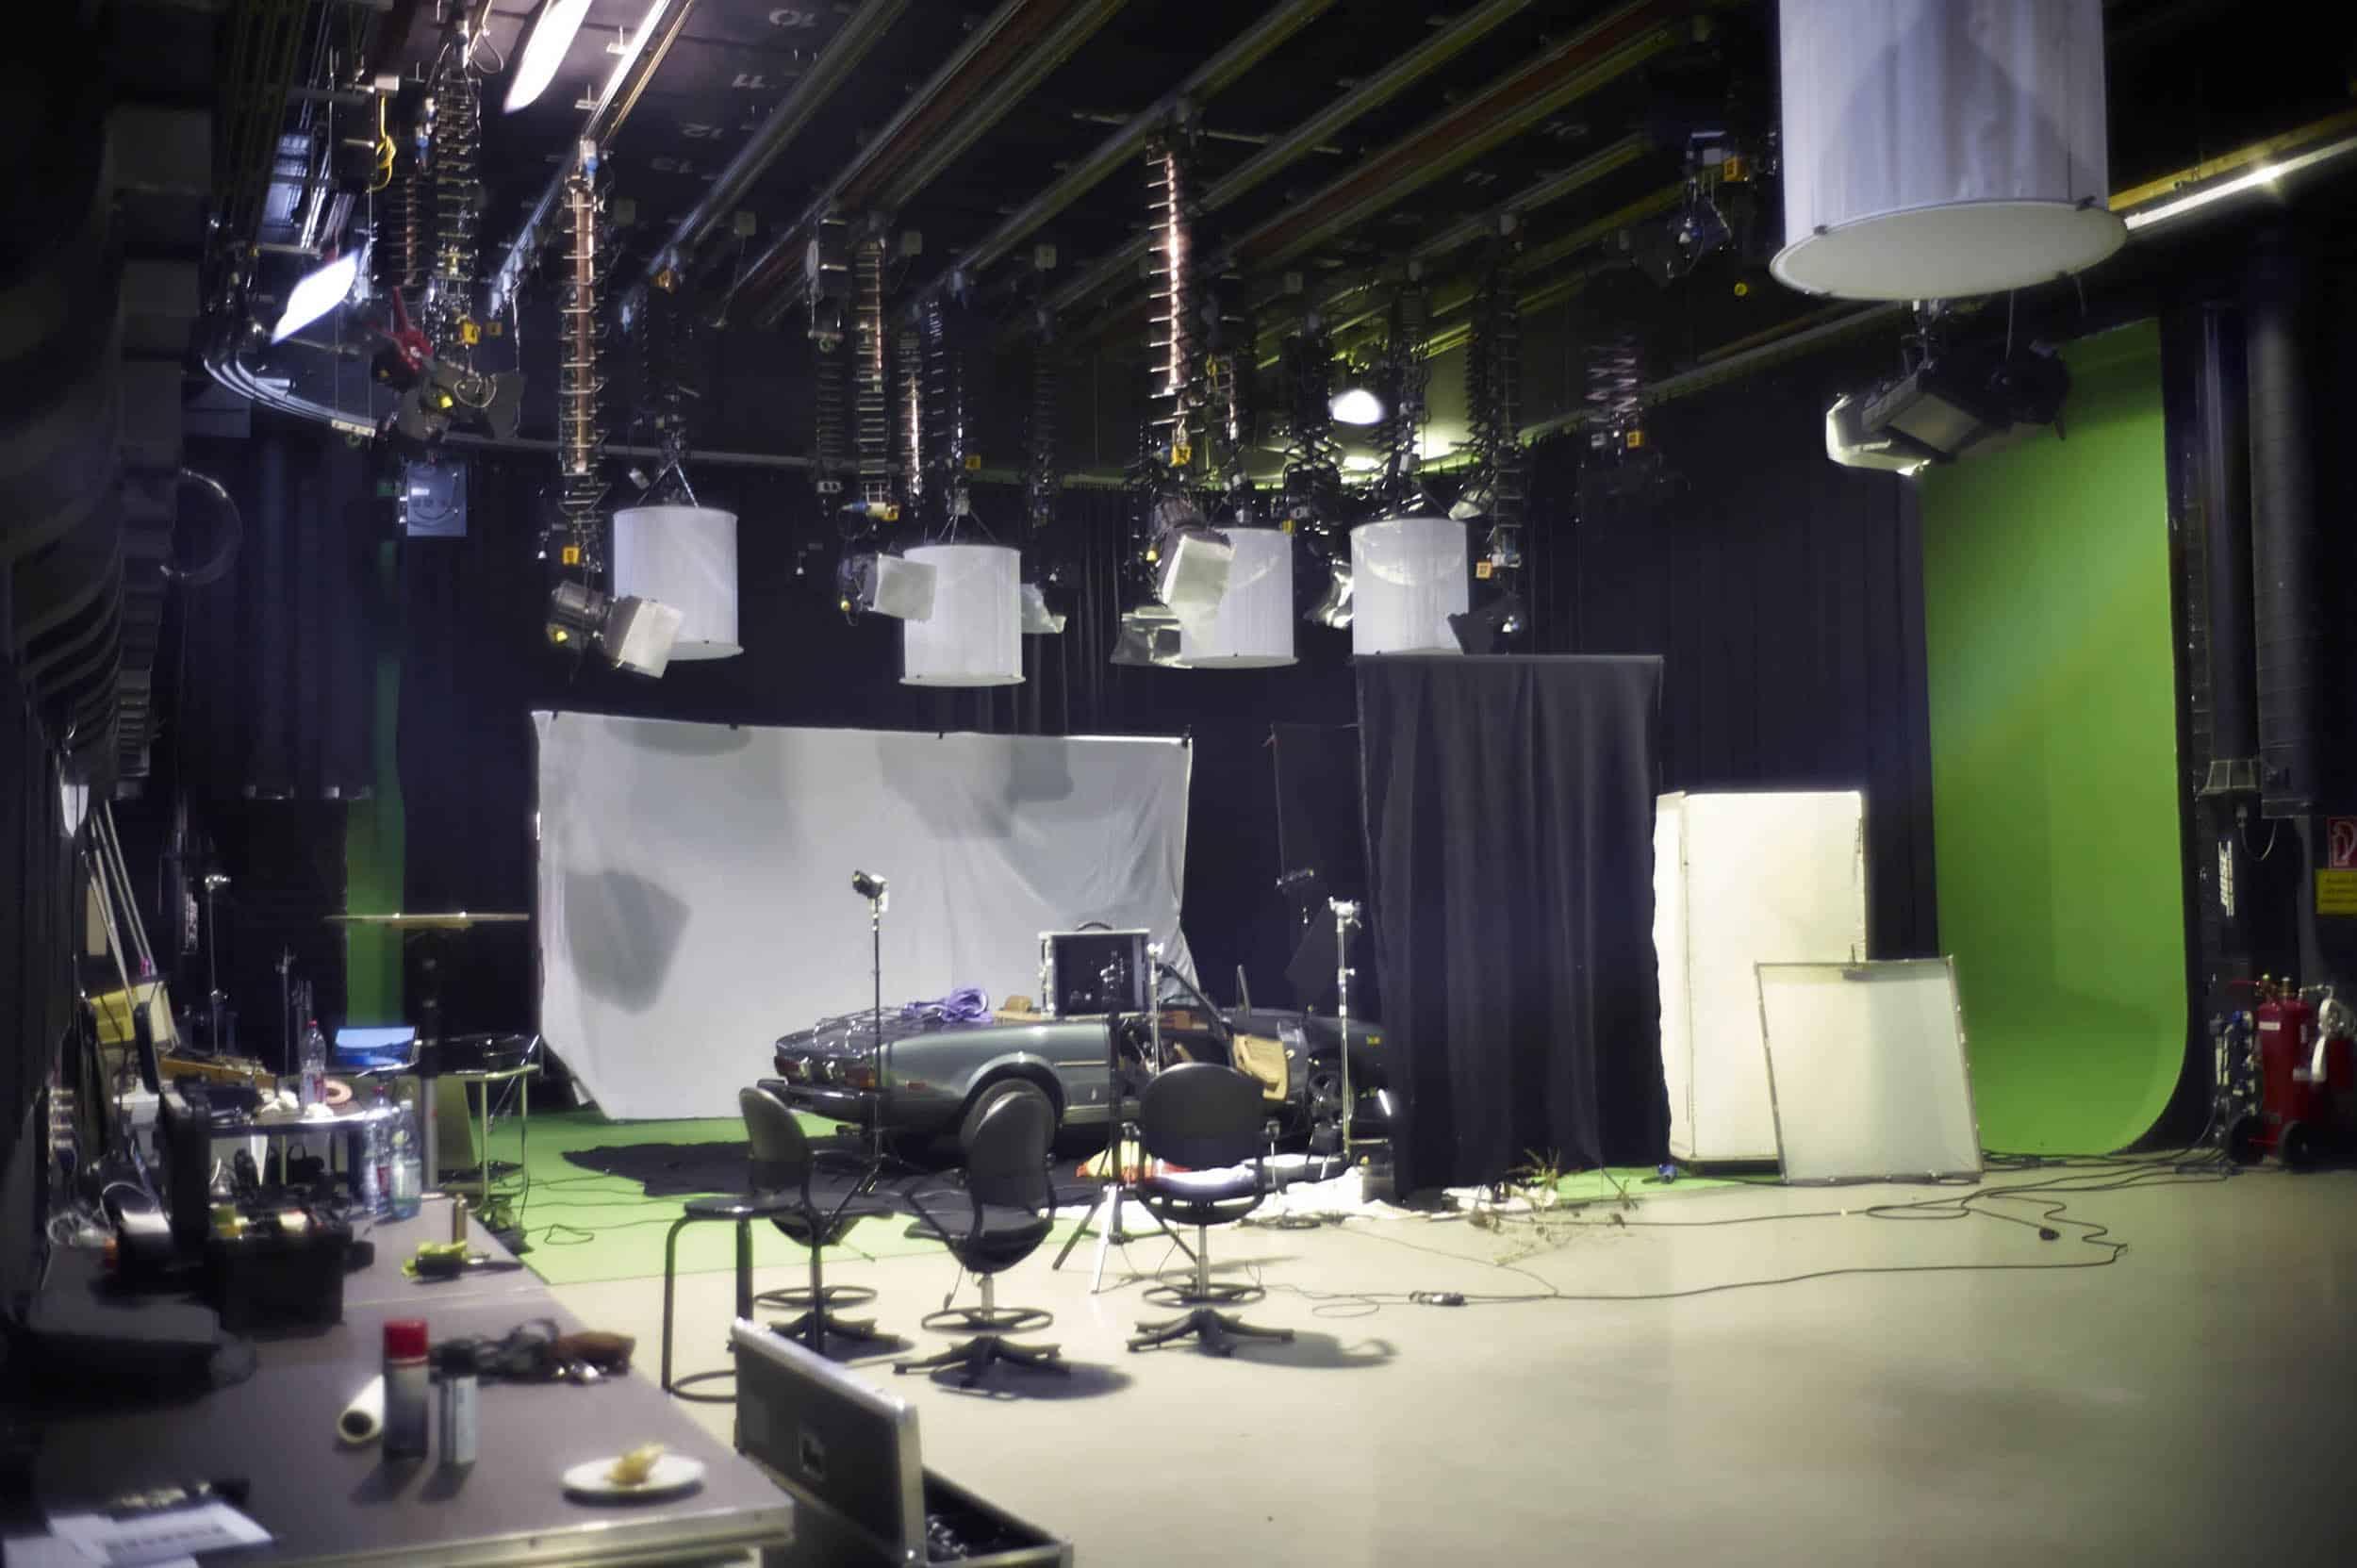 studio-ignatov-chopard-imagefilm-mille-miglia-03